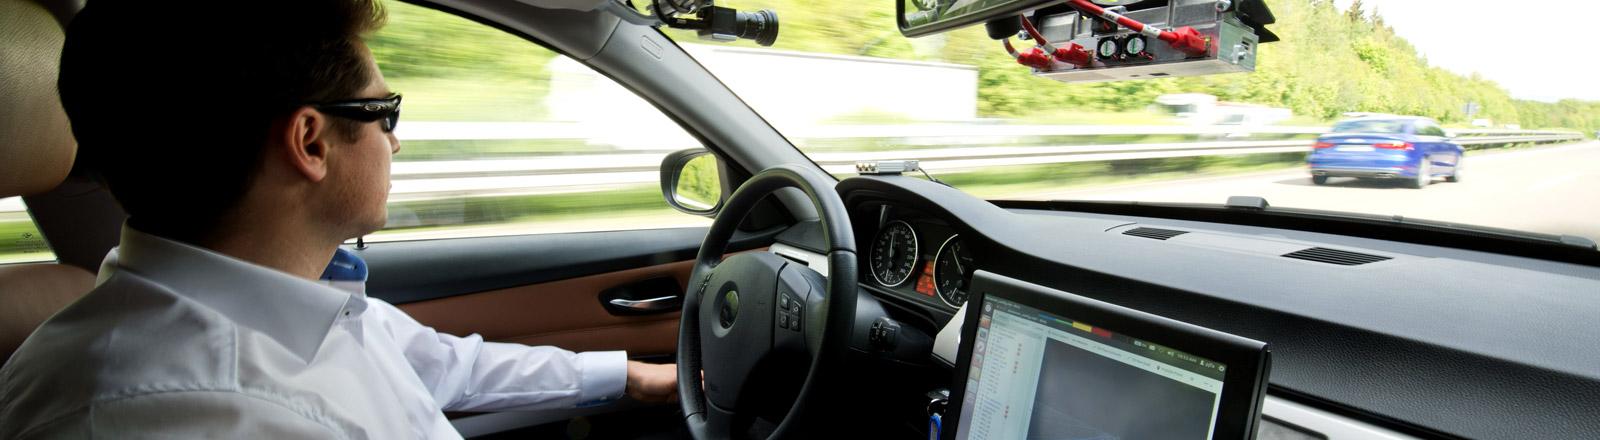 Ein Mann fährt in einem autonomen Fahrzeugen und fasst während der Fahrt das Lenkrad nicht an.